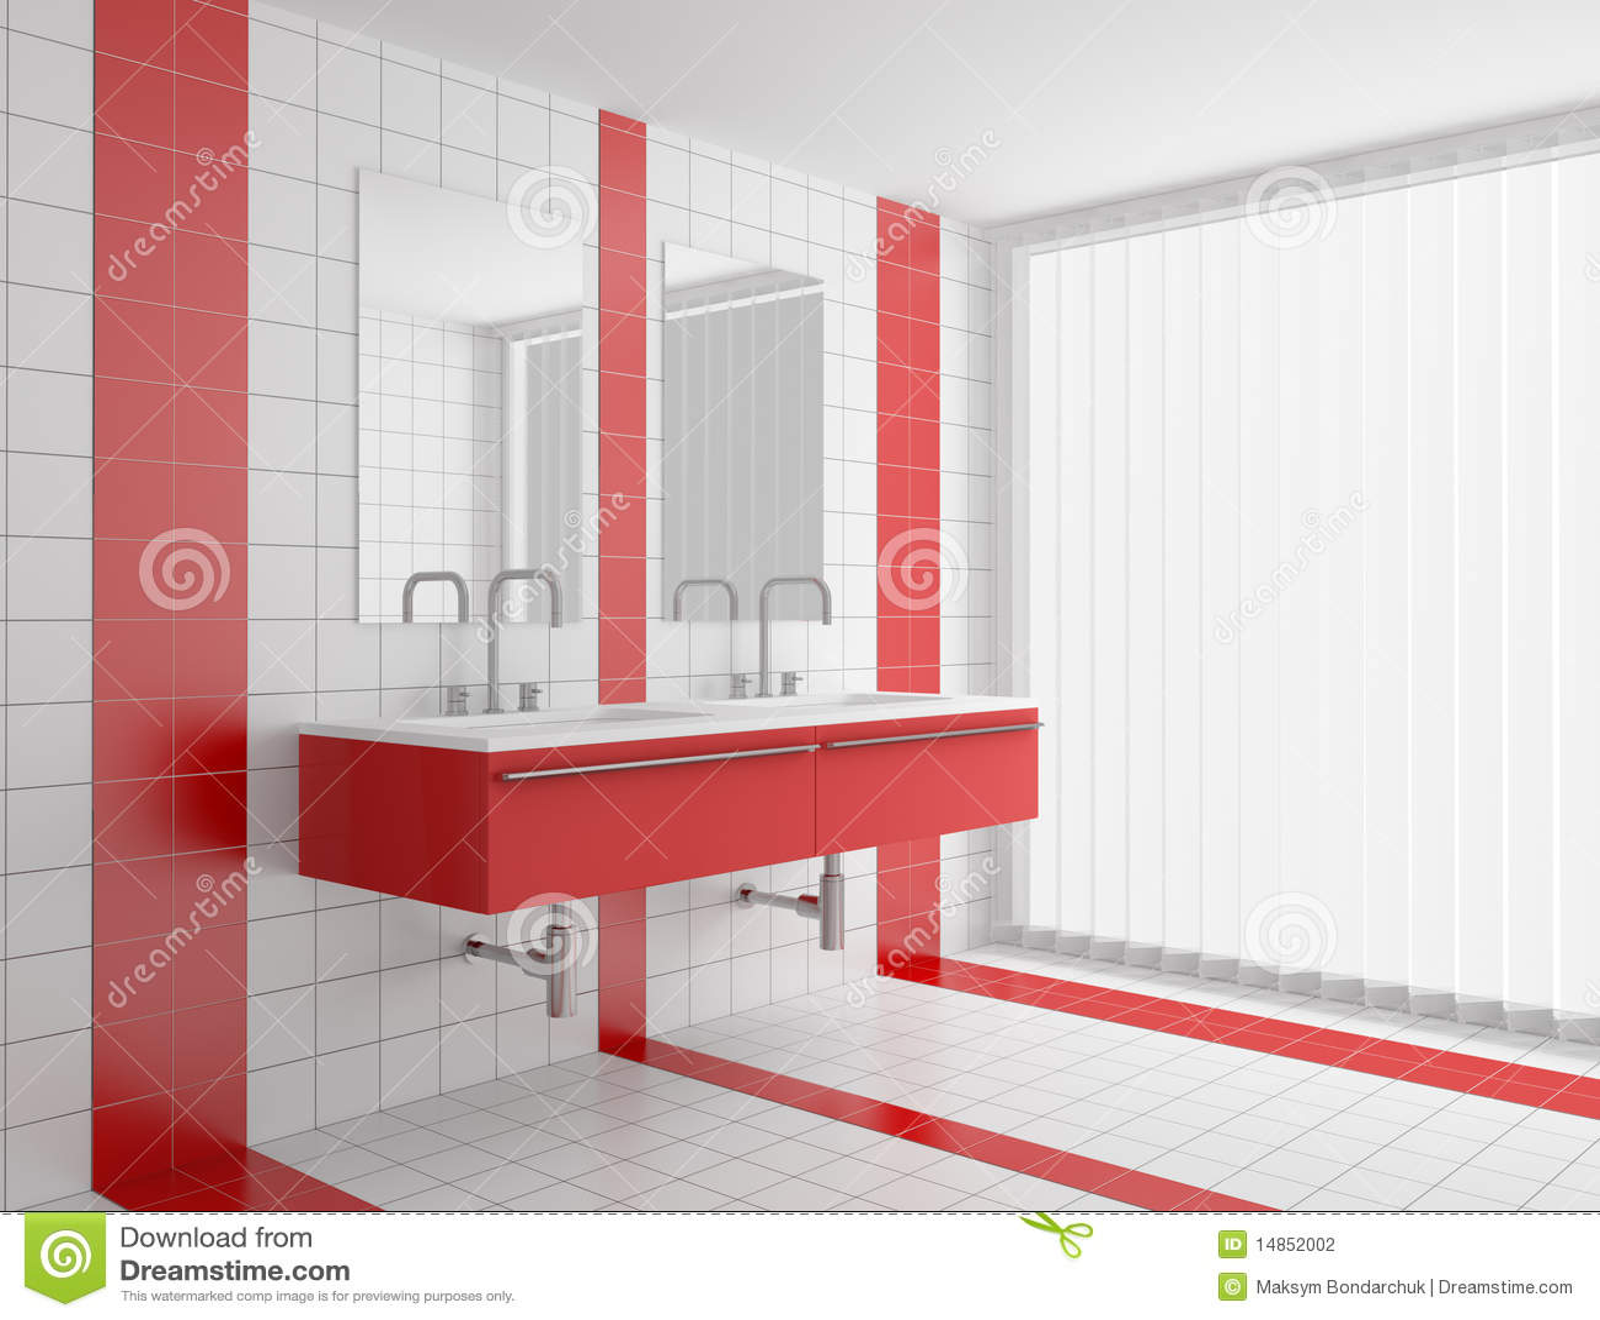 Baños Blanco Con Rojo:Cuarto de baño moderno con los azulejos rojos y blancos en la pared y